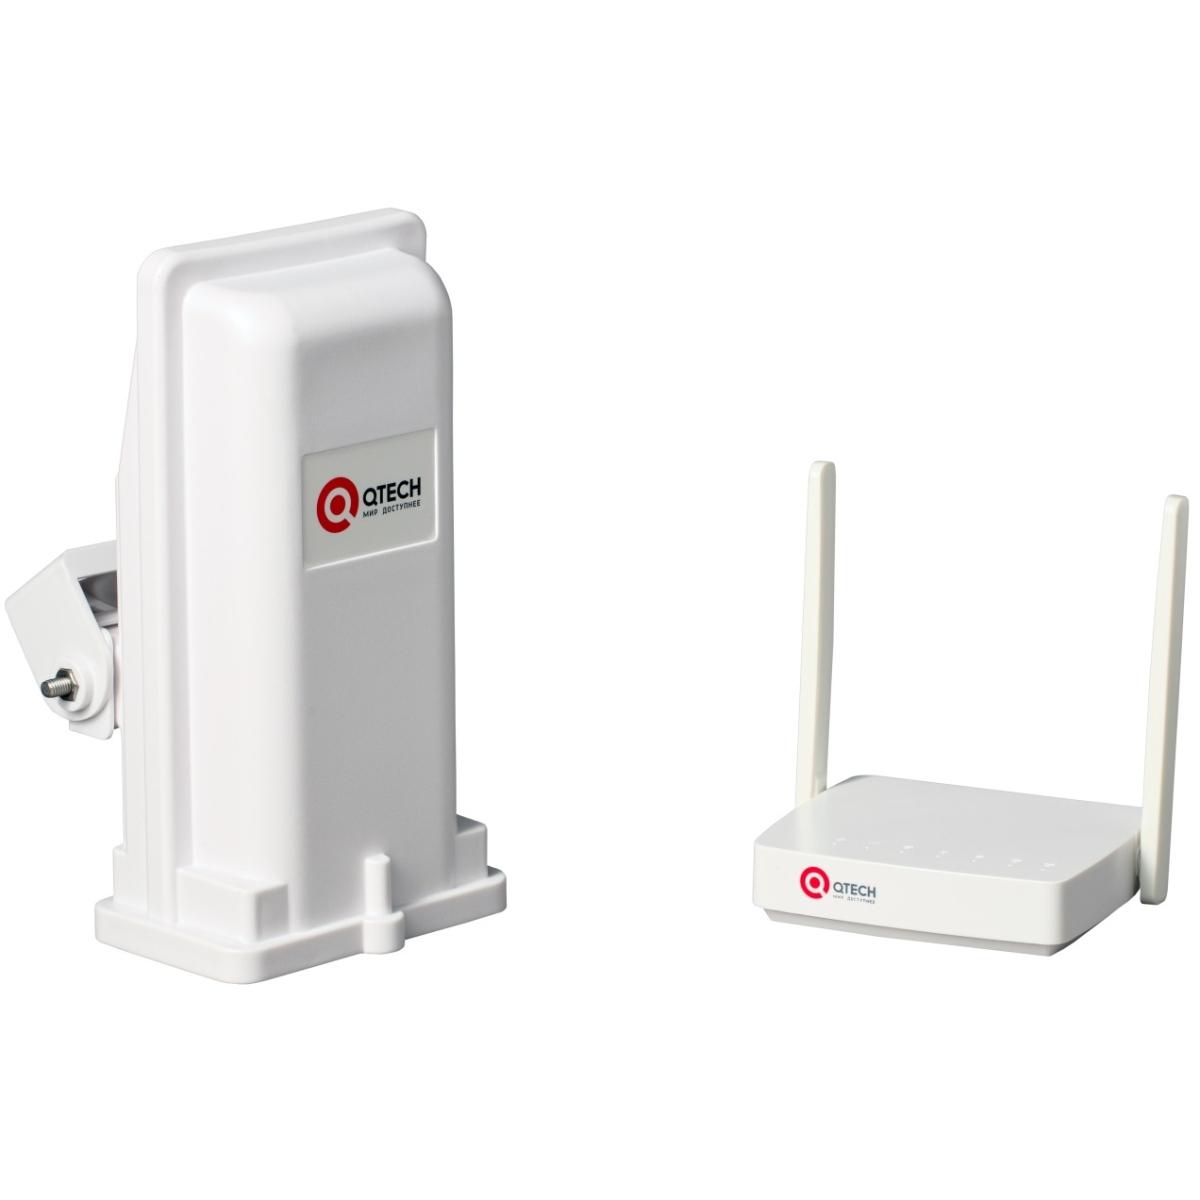 3G/LTE станция QTECH QTECH QMO-234 V2